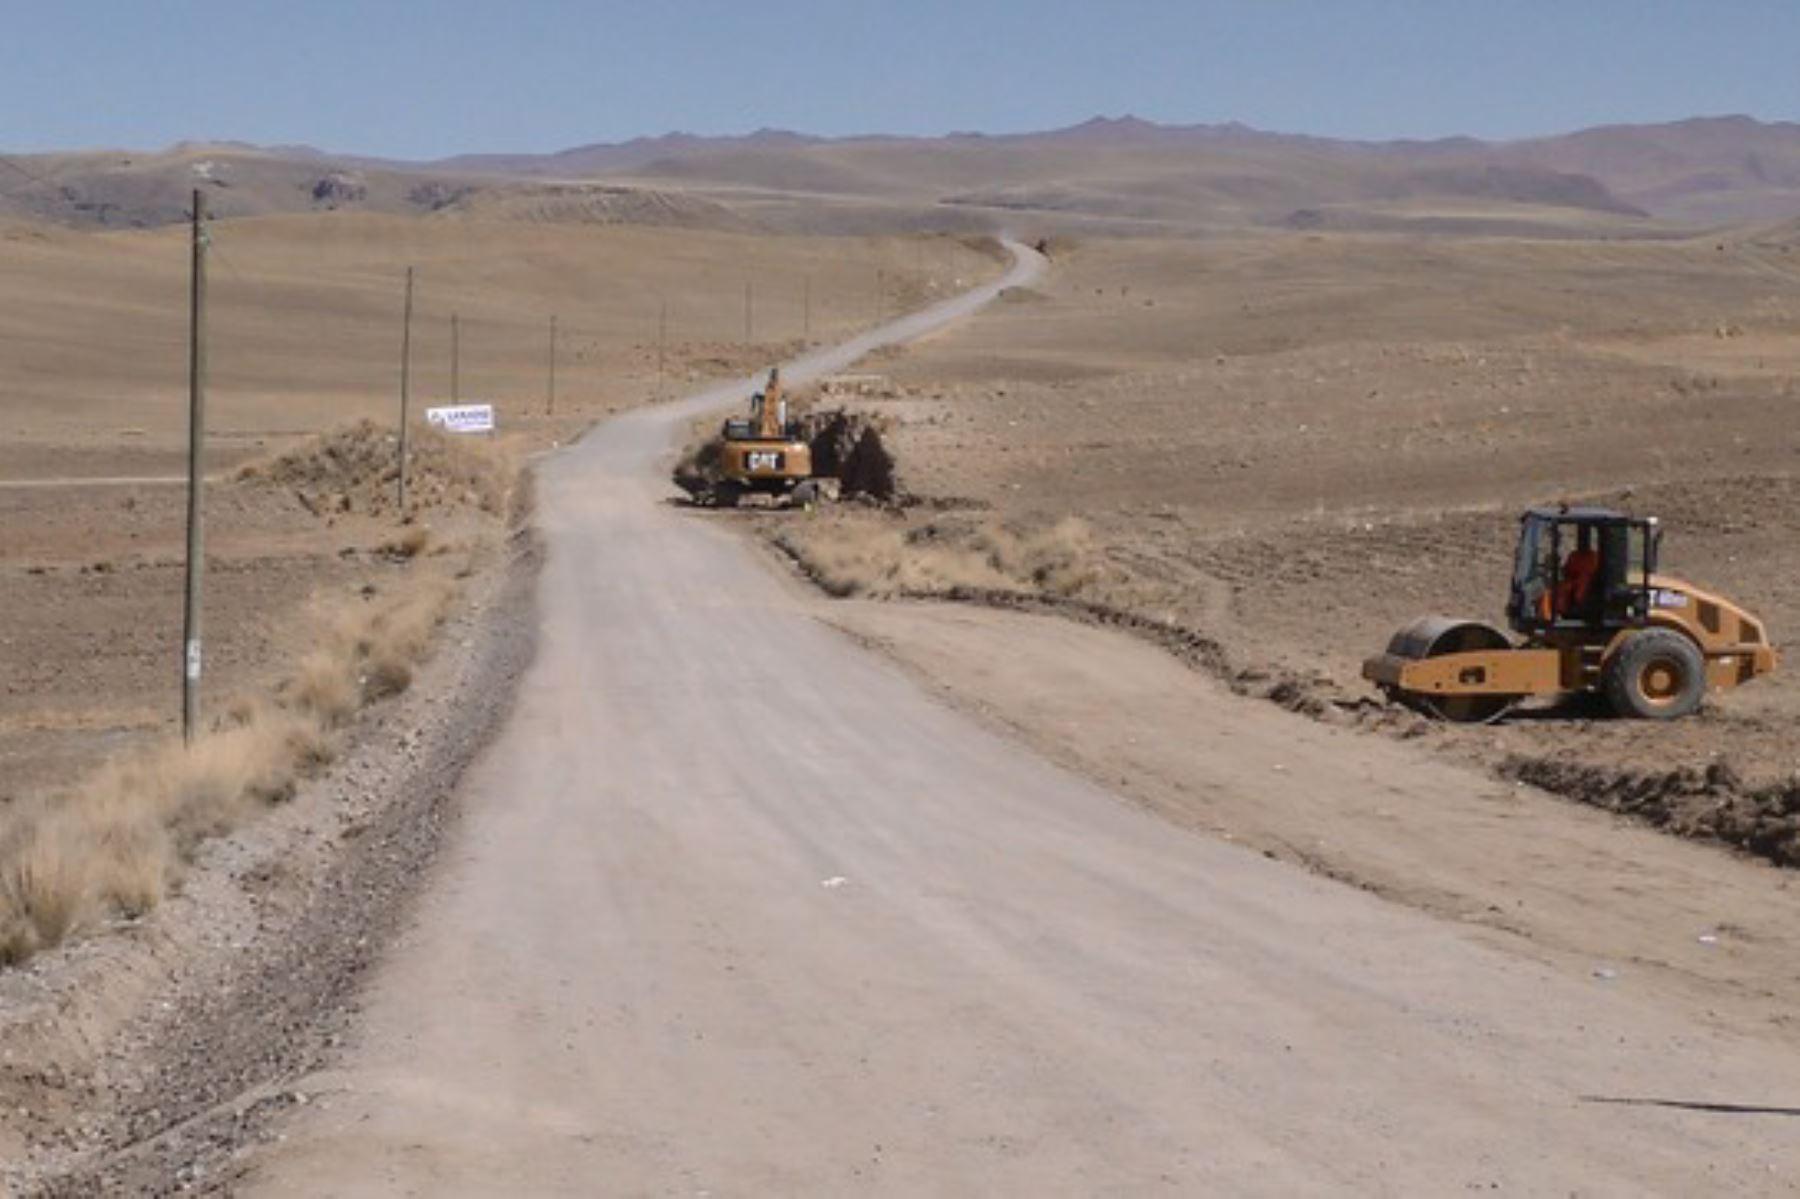 La carretera Checca-Mazocruz, de 72 kilómetros, permitirá la conexión de las regiones de Tacna, Moquegua y Puno.